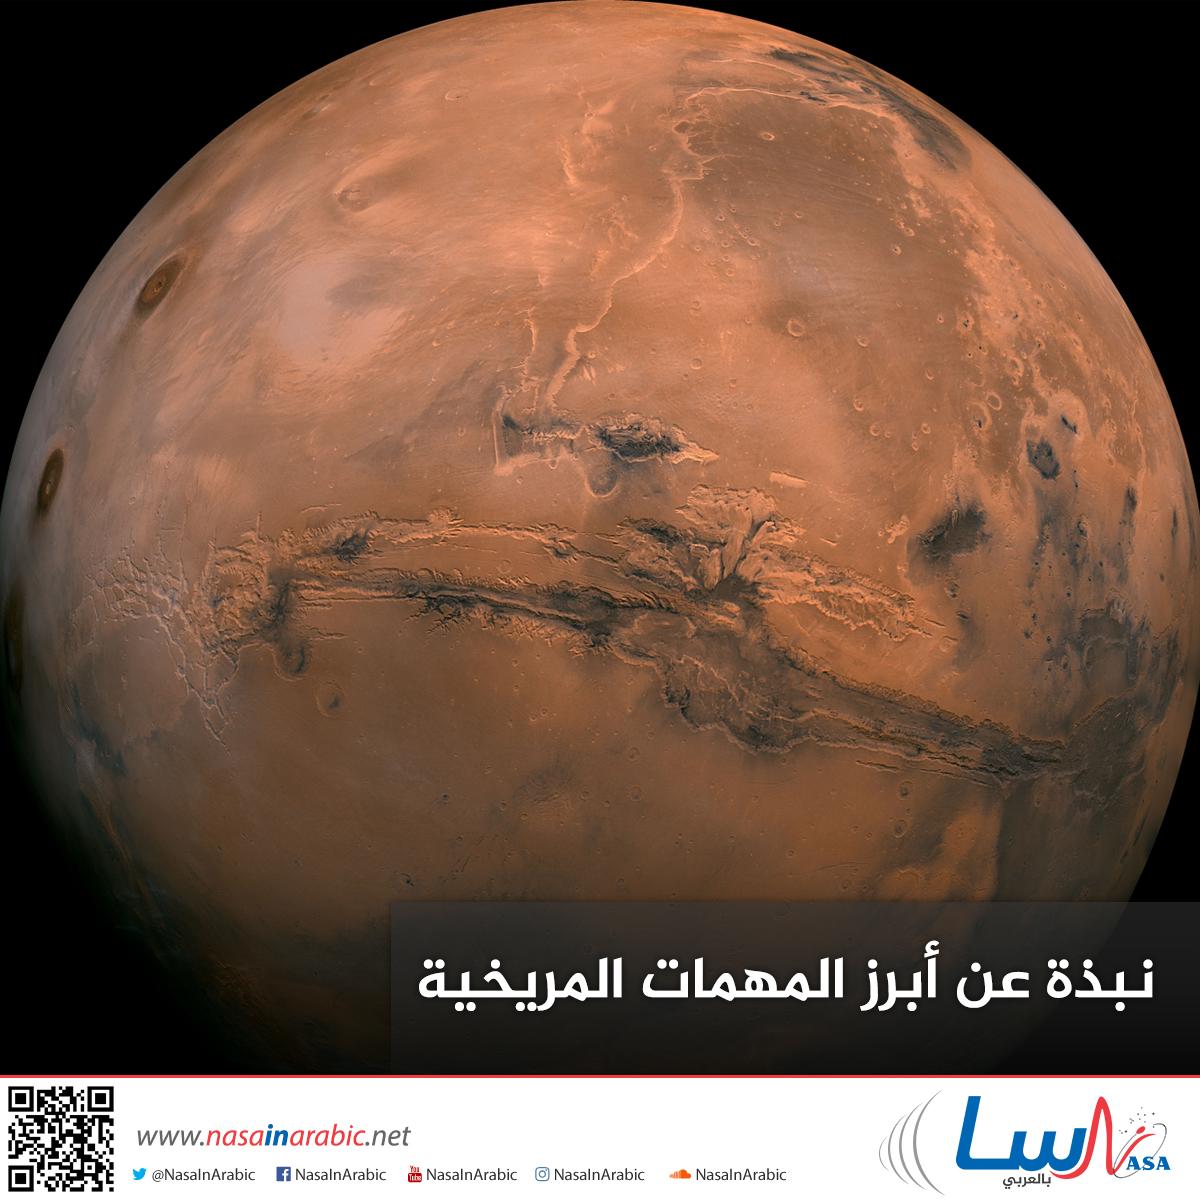 نبذة عن أبرز المهمات المريخية